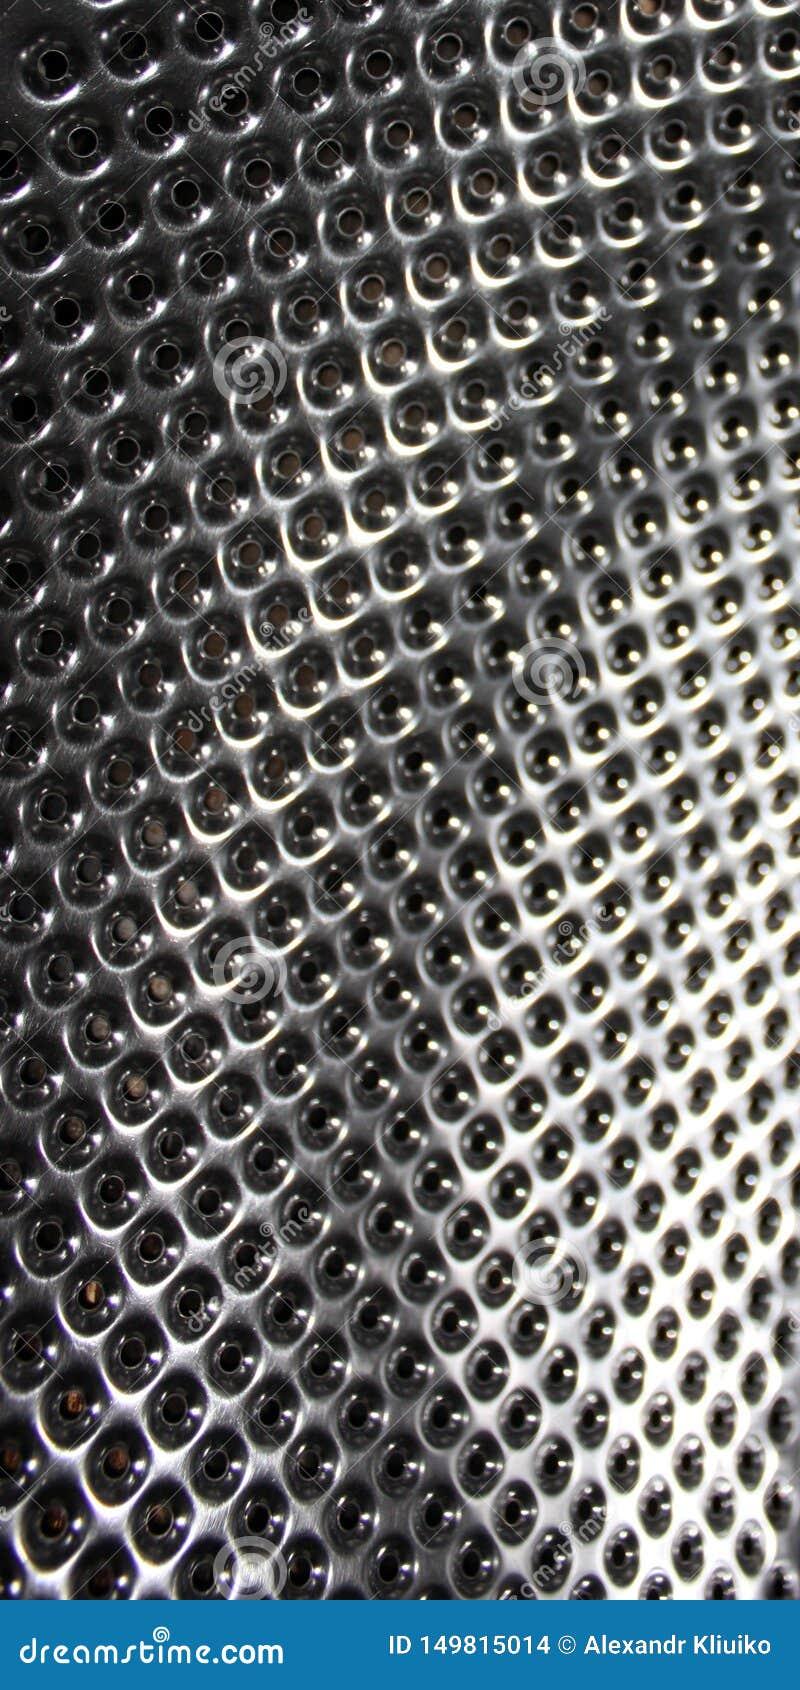 Geperforeerd roestvrij staal, textuur of metaalachtergrond